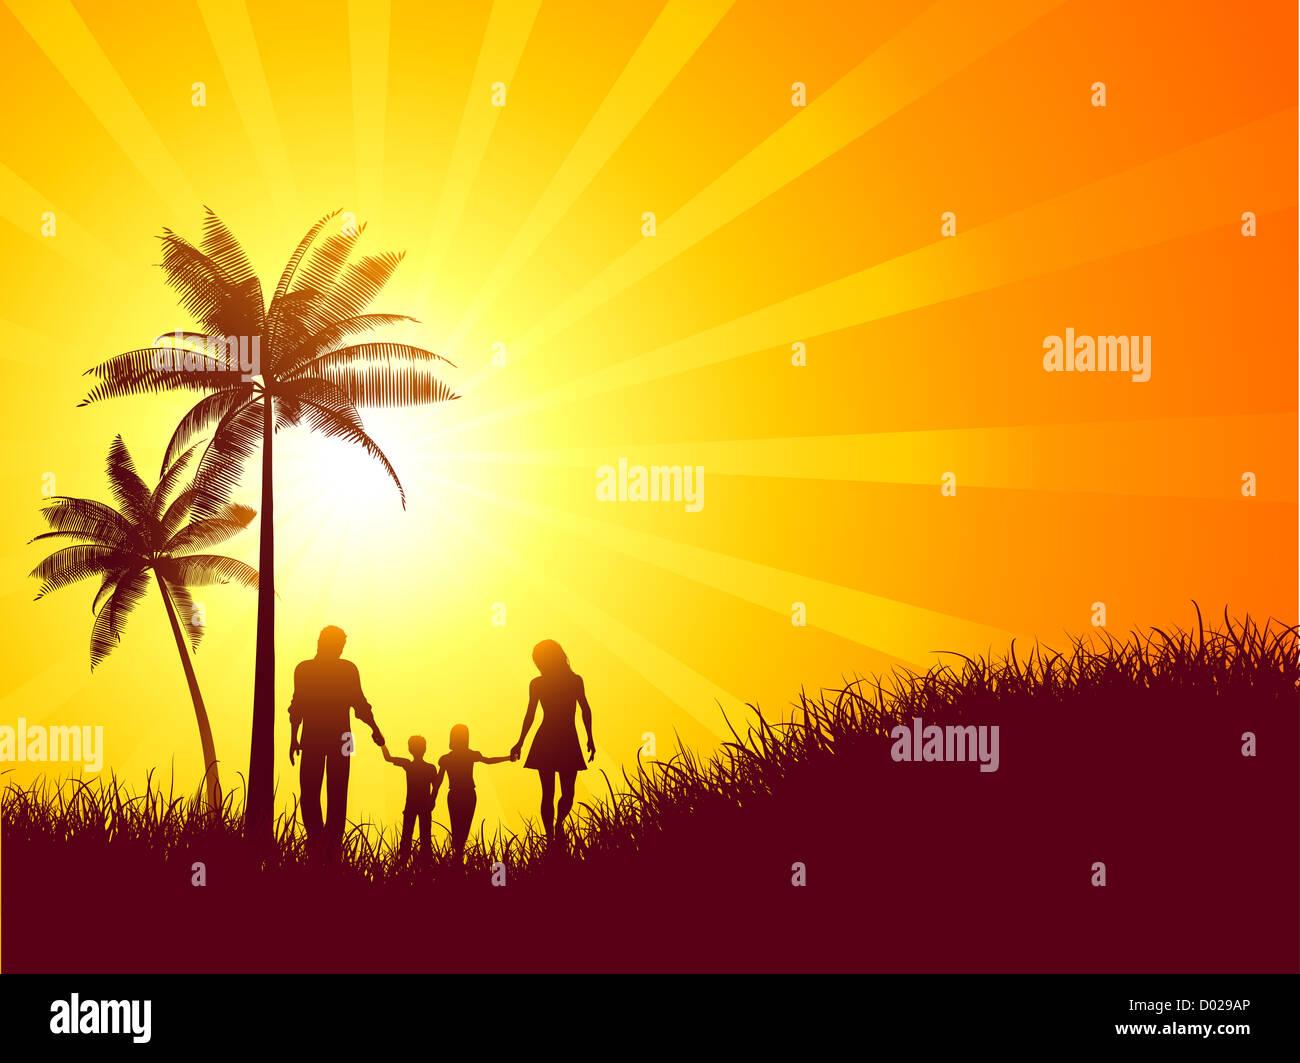 Paysage d'été avec silhouette d'une marche familiale Photo Stock